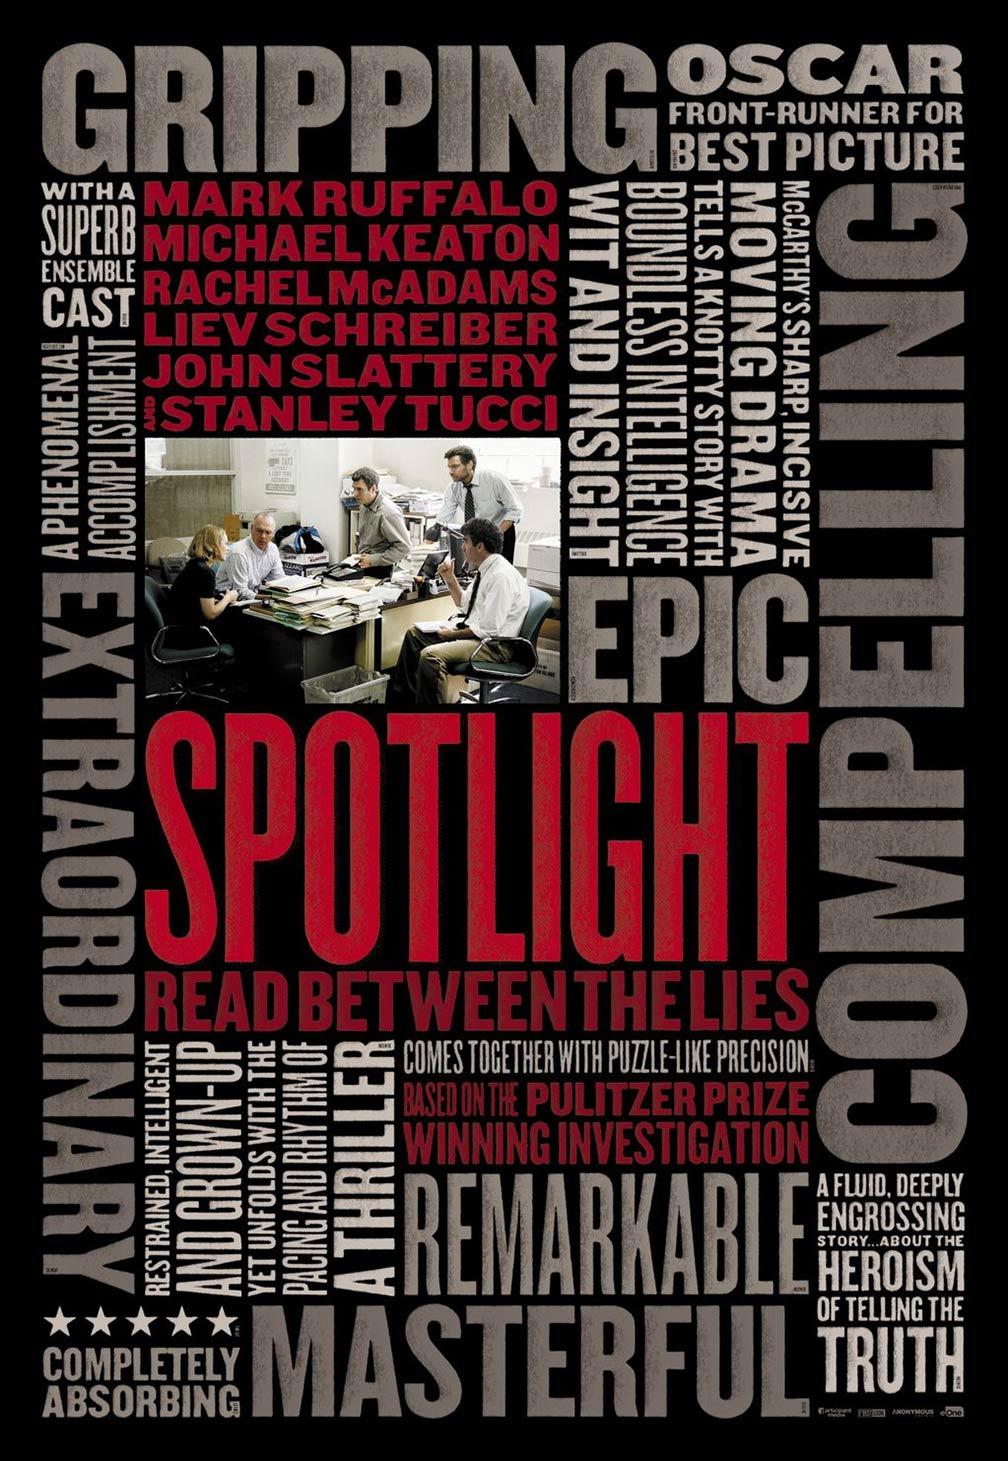 Spotlight Poster #4